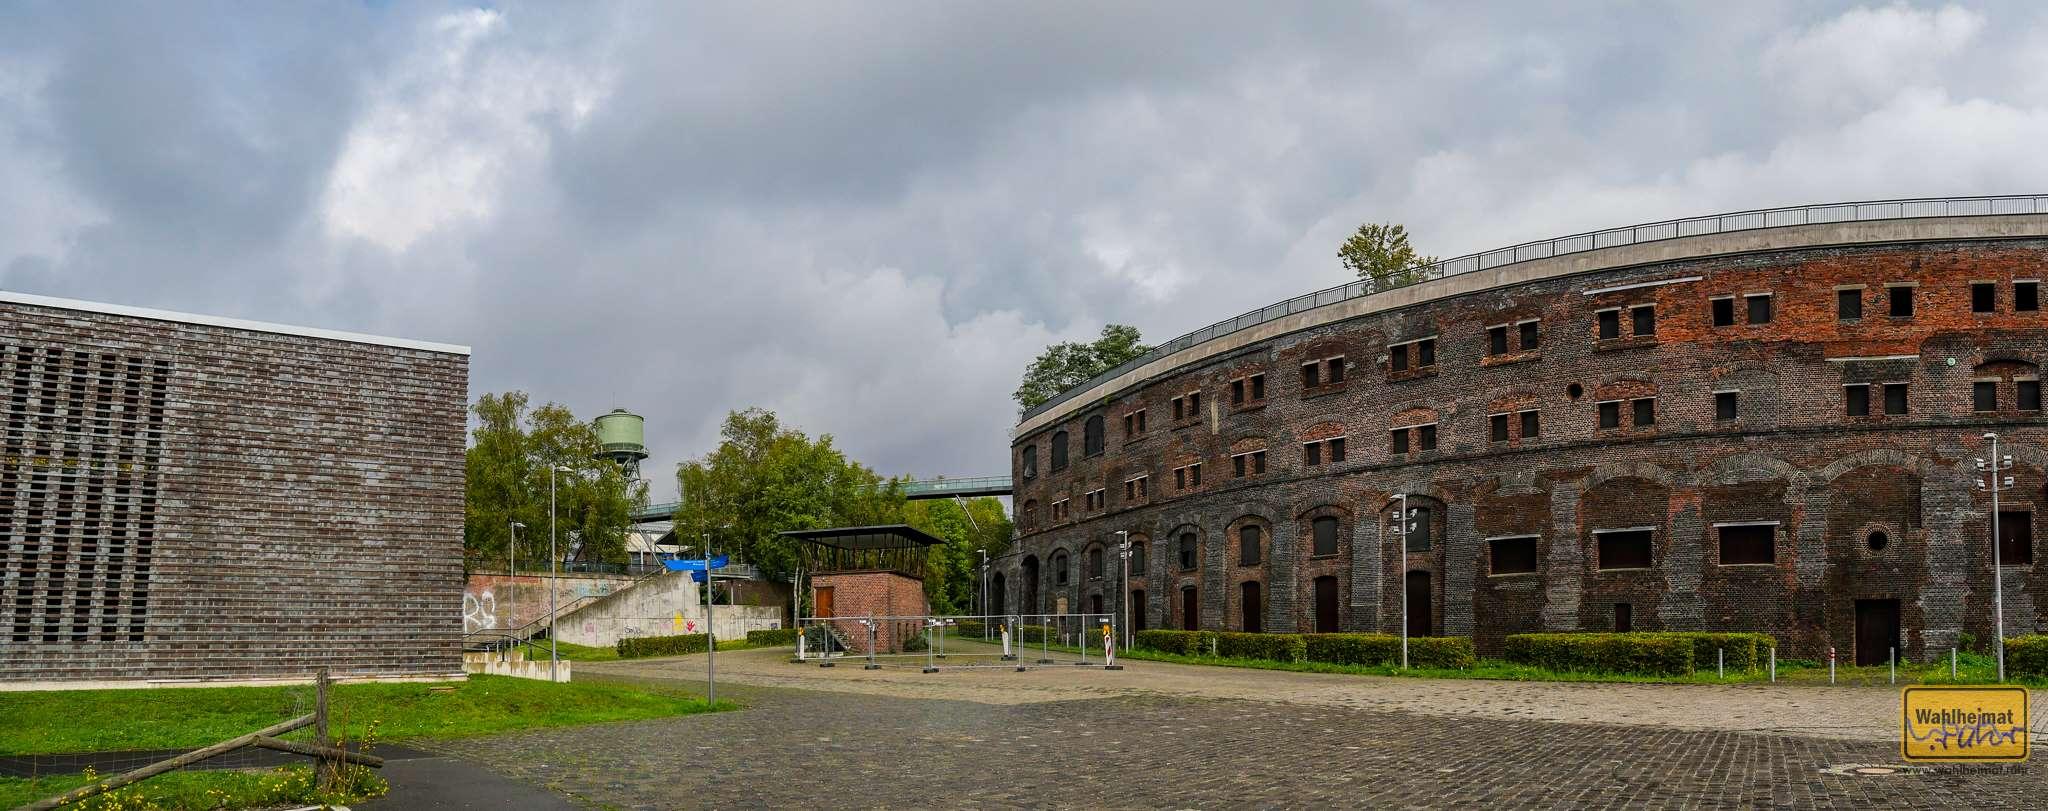 Das Colosseum dient zur Rückhaltung des dahinter liegenden, erhöhten Erdreichs mit weiteren Industrieanlagen - Platz war knapp in Bochum.